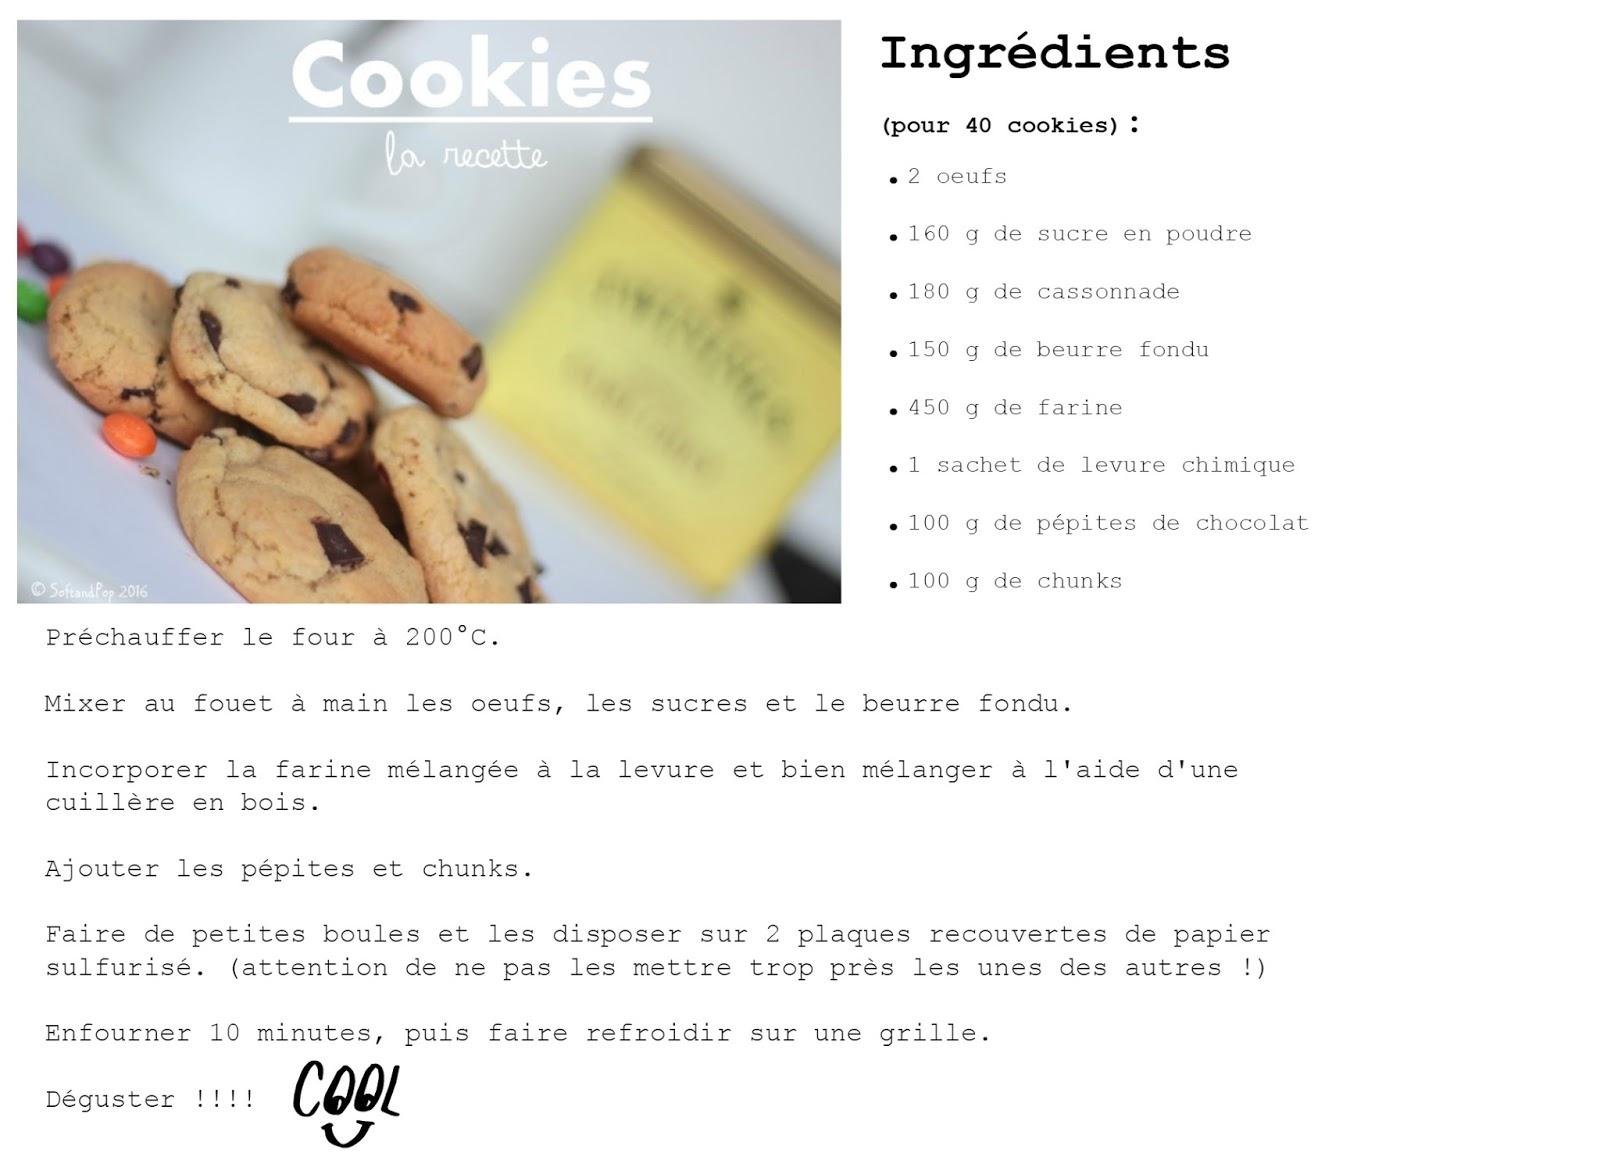 fiche-recette-cookies-aux-pépites-de-chocolat-SoftandPop